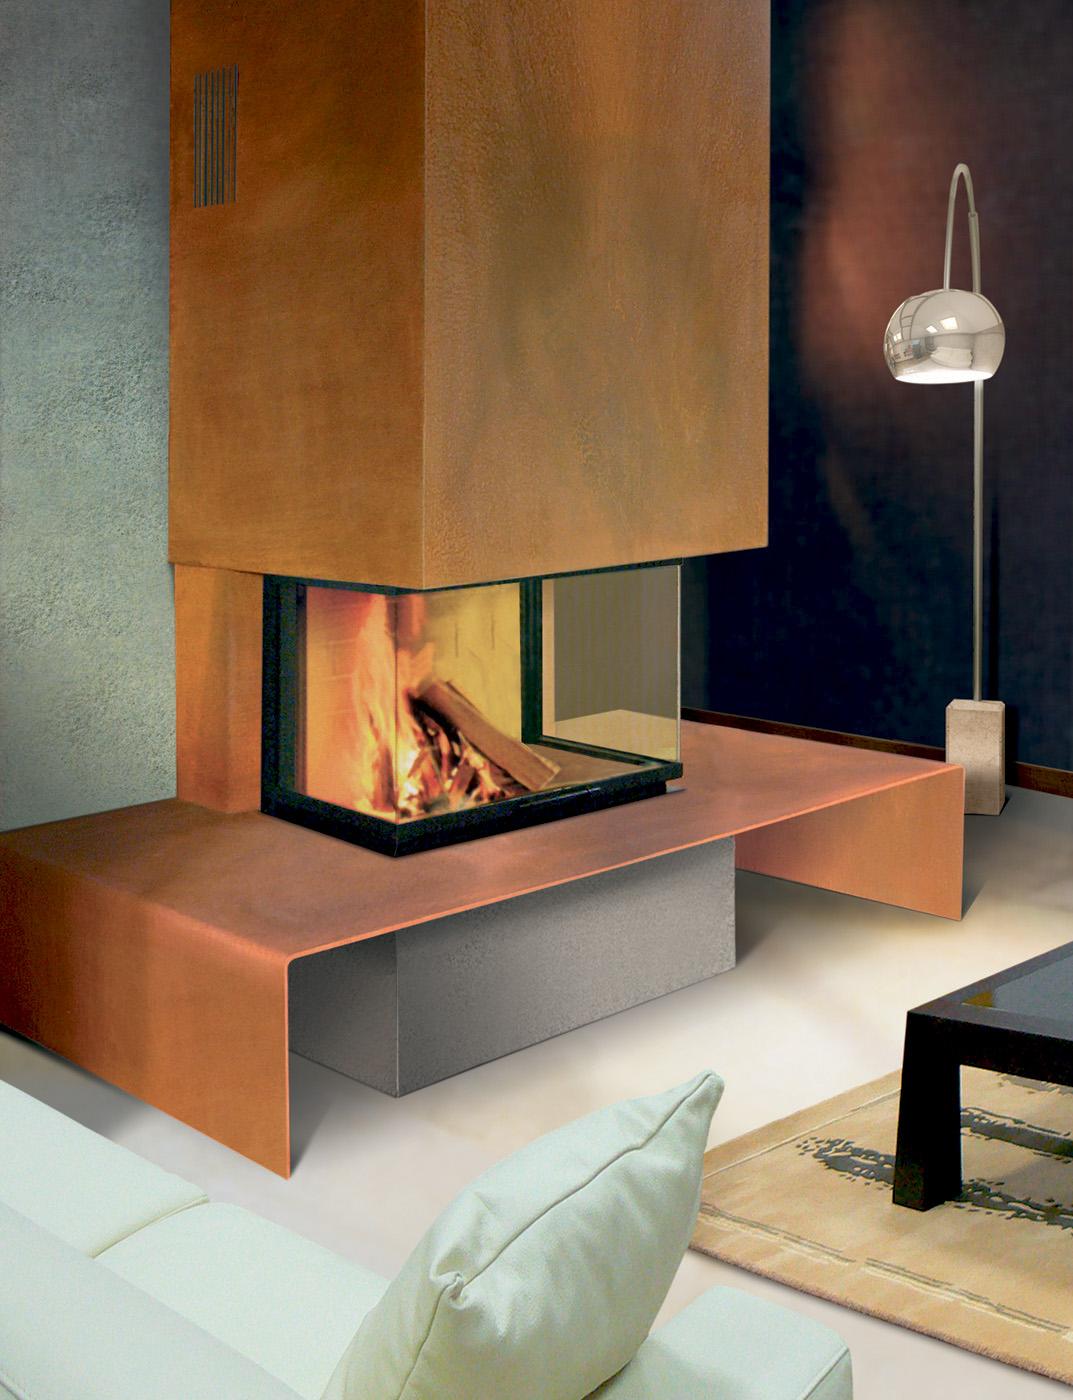 Chemin e en savoie is re et haute savoie atre et loisirs votre expert - Cheminee metal design ...